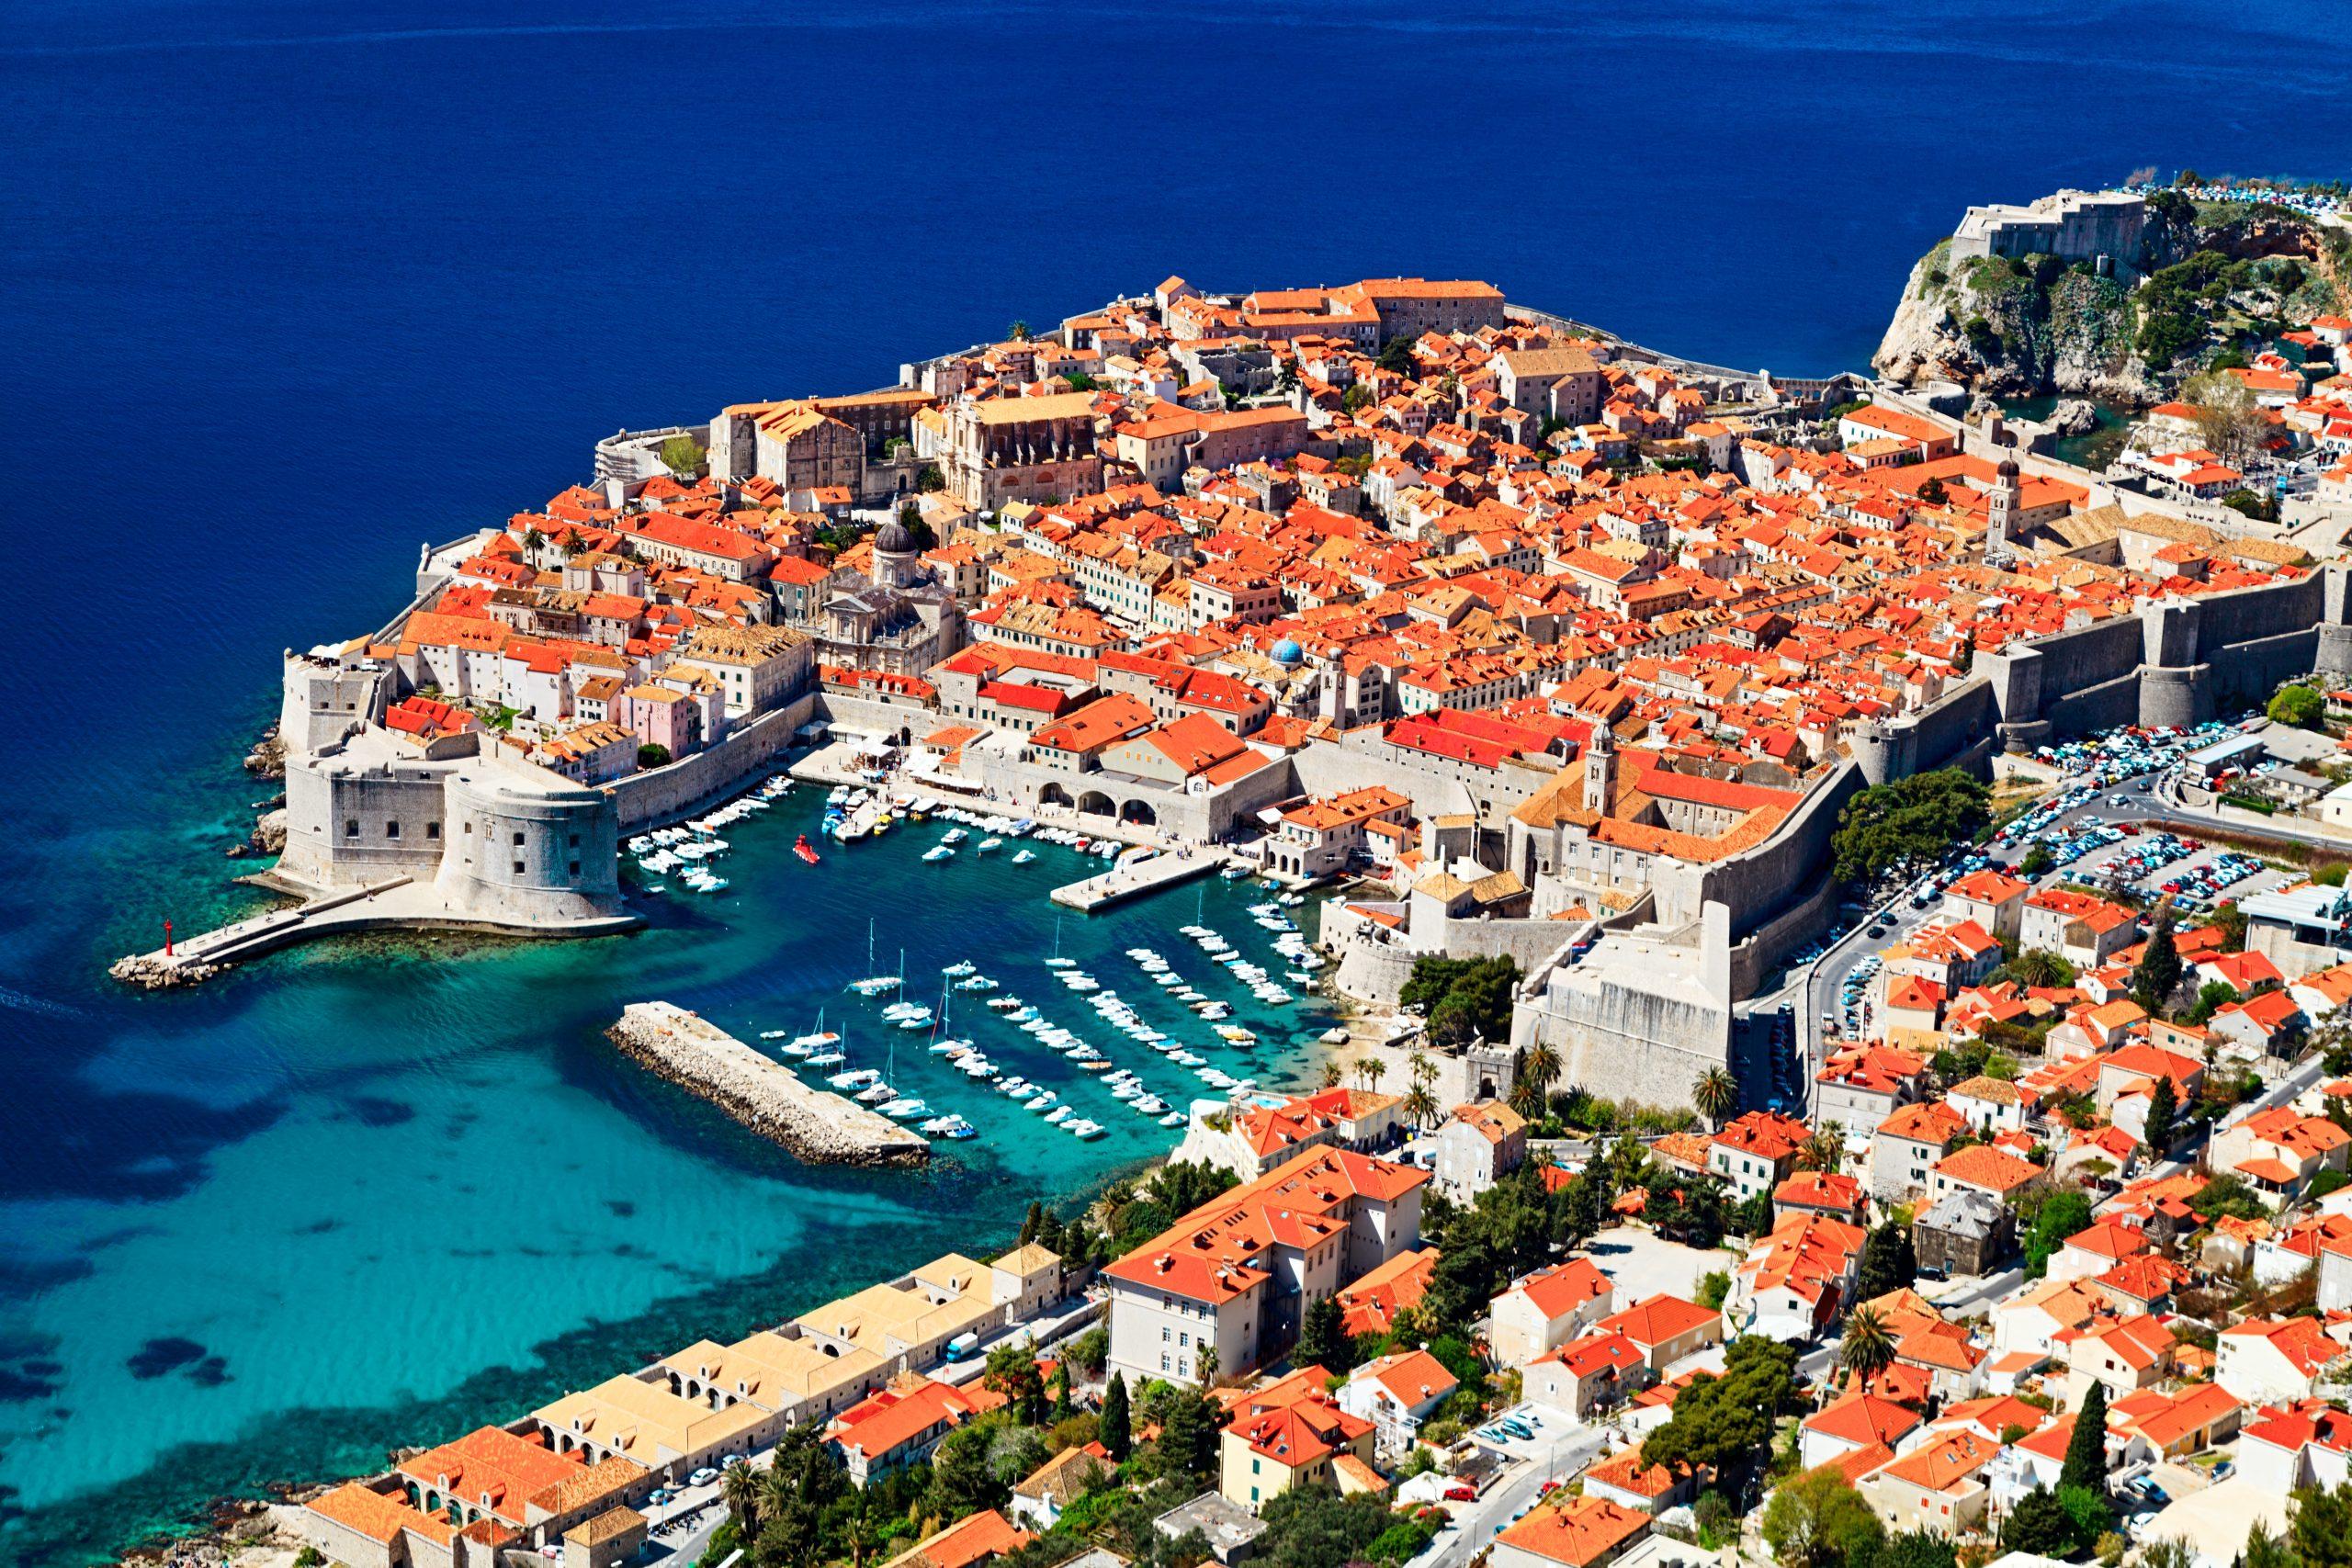 Europӓische Anwaltskooperation (EAK - Dubrovnik, Croatia